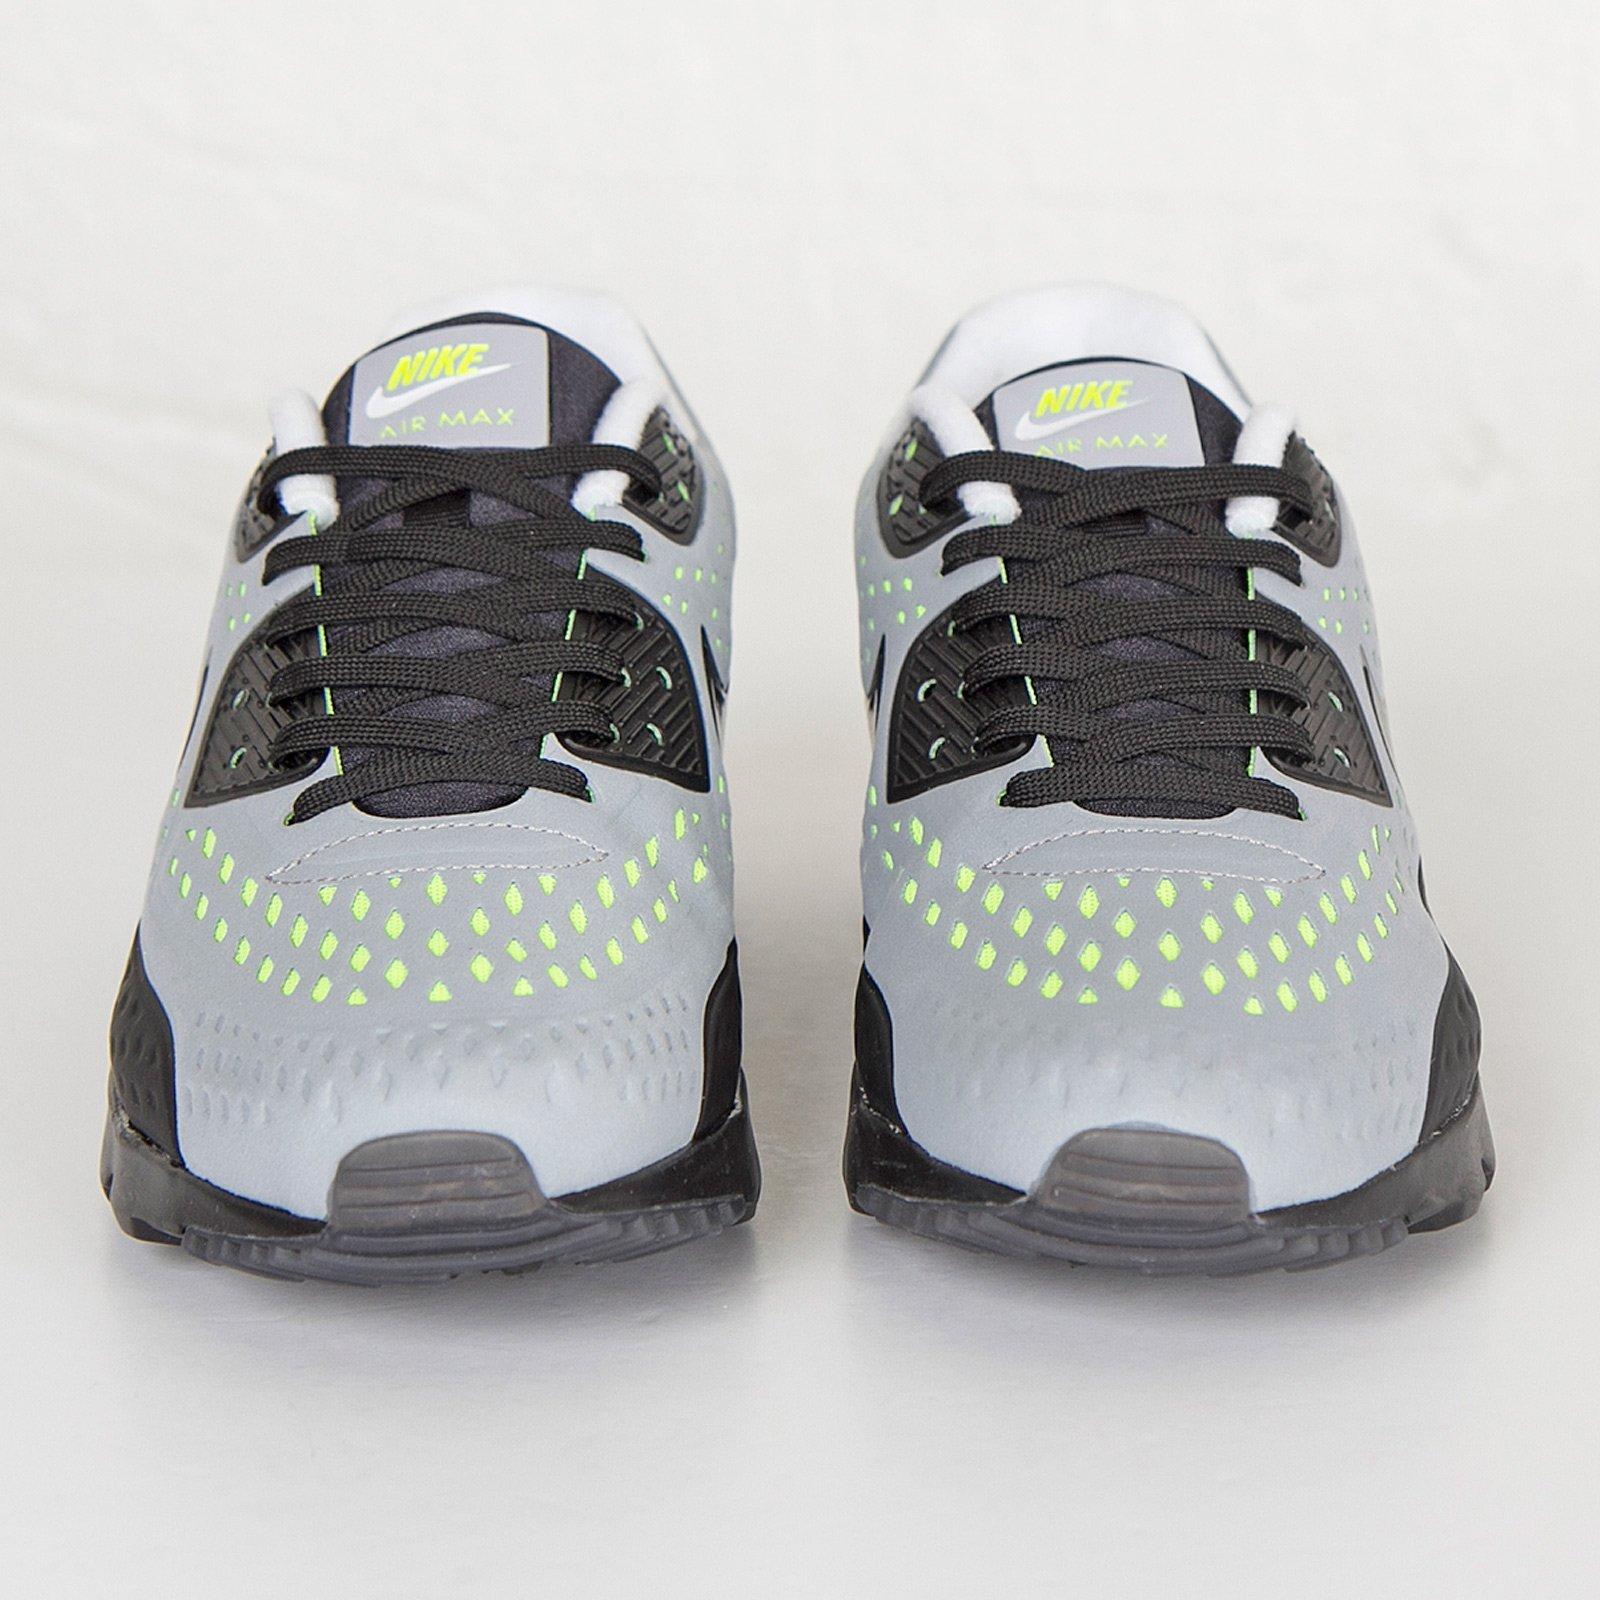 best sneakers ec0ab 50d09 Nike Air Max 90 Ultra Br - 725222-007 - Sneakersnstuff   sneakers    streetwear en ligne depuis 1999